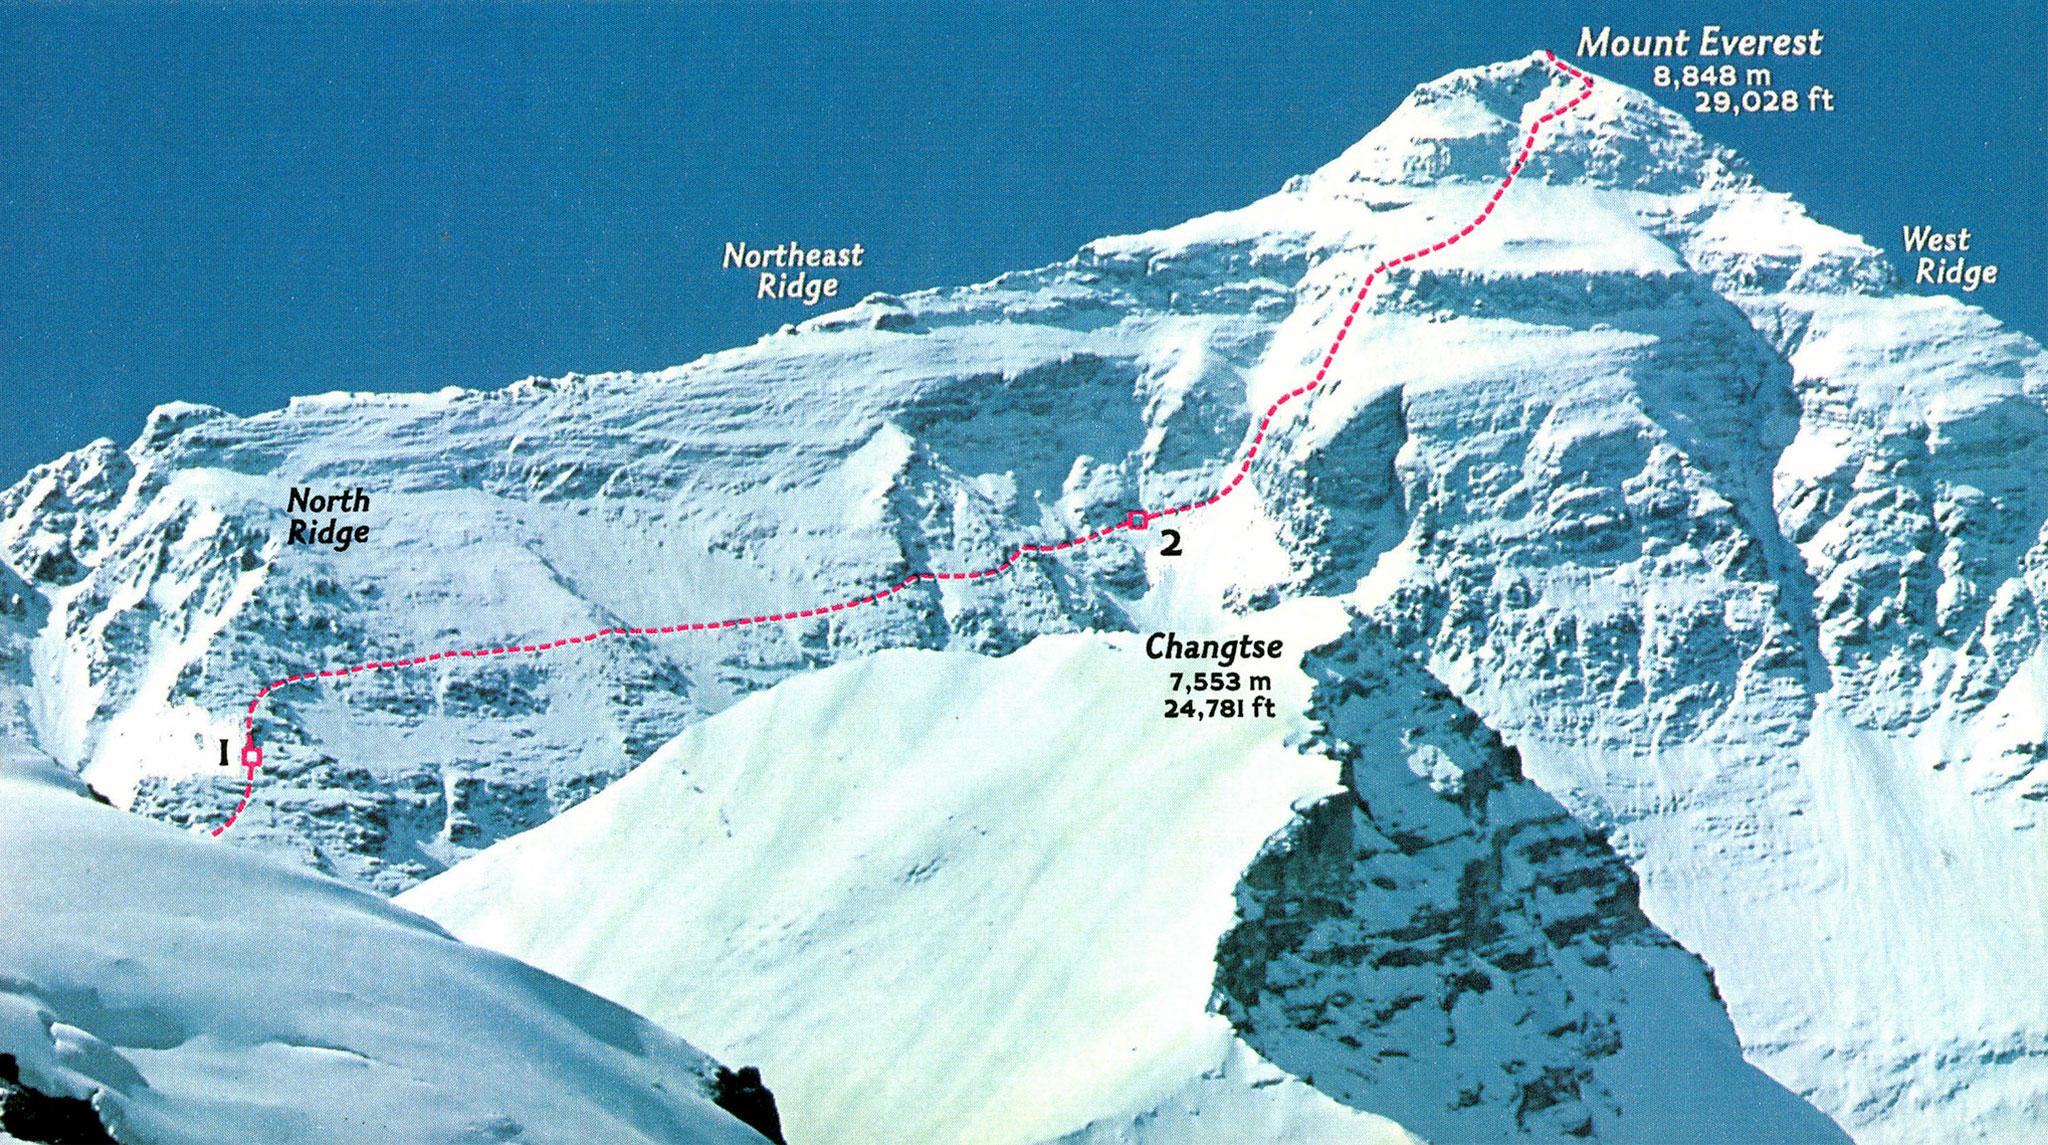 दुनिया की सबसे ऊंची पर्वत चोटी माऊंट एवरेस्ट की ऊंचाई में हुआ बदलाव, नेपाल ने किया ऐलान